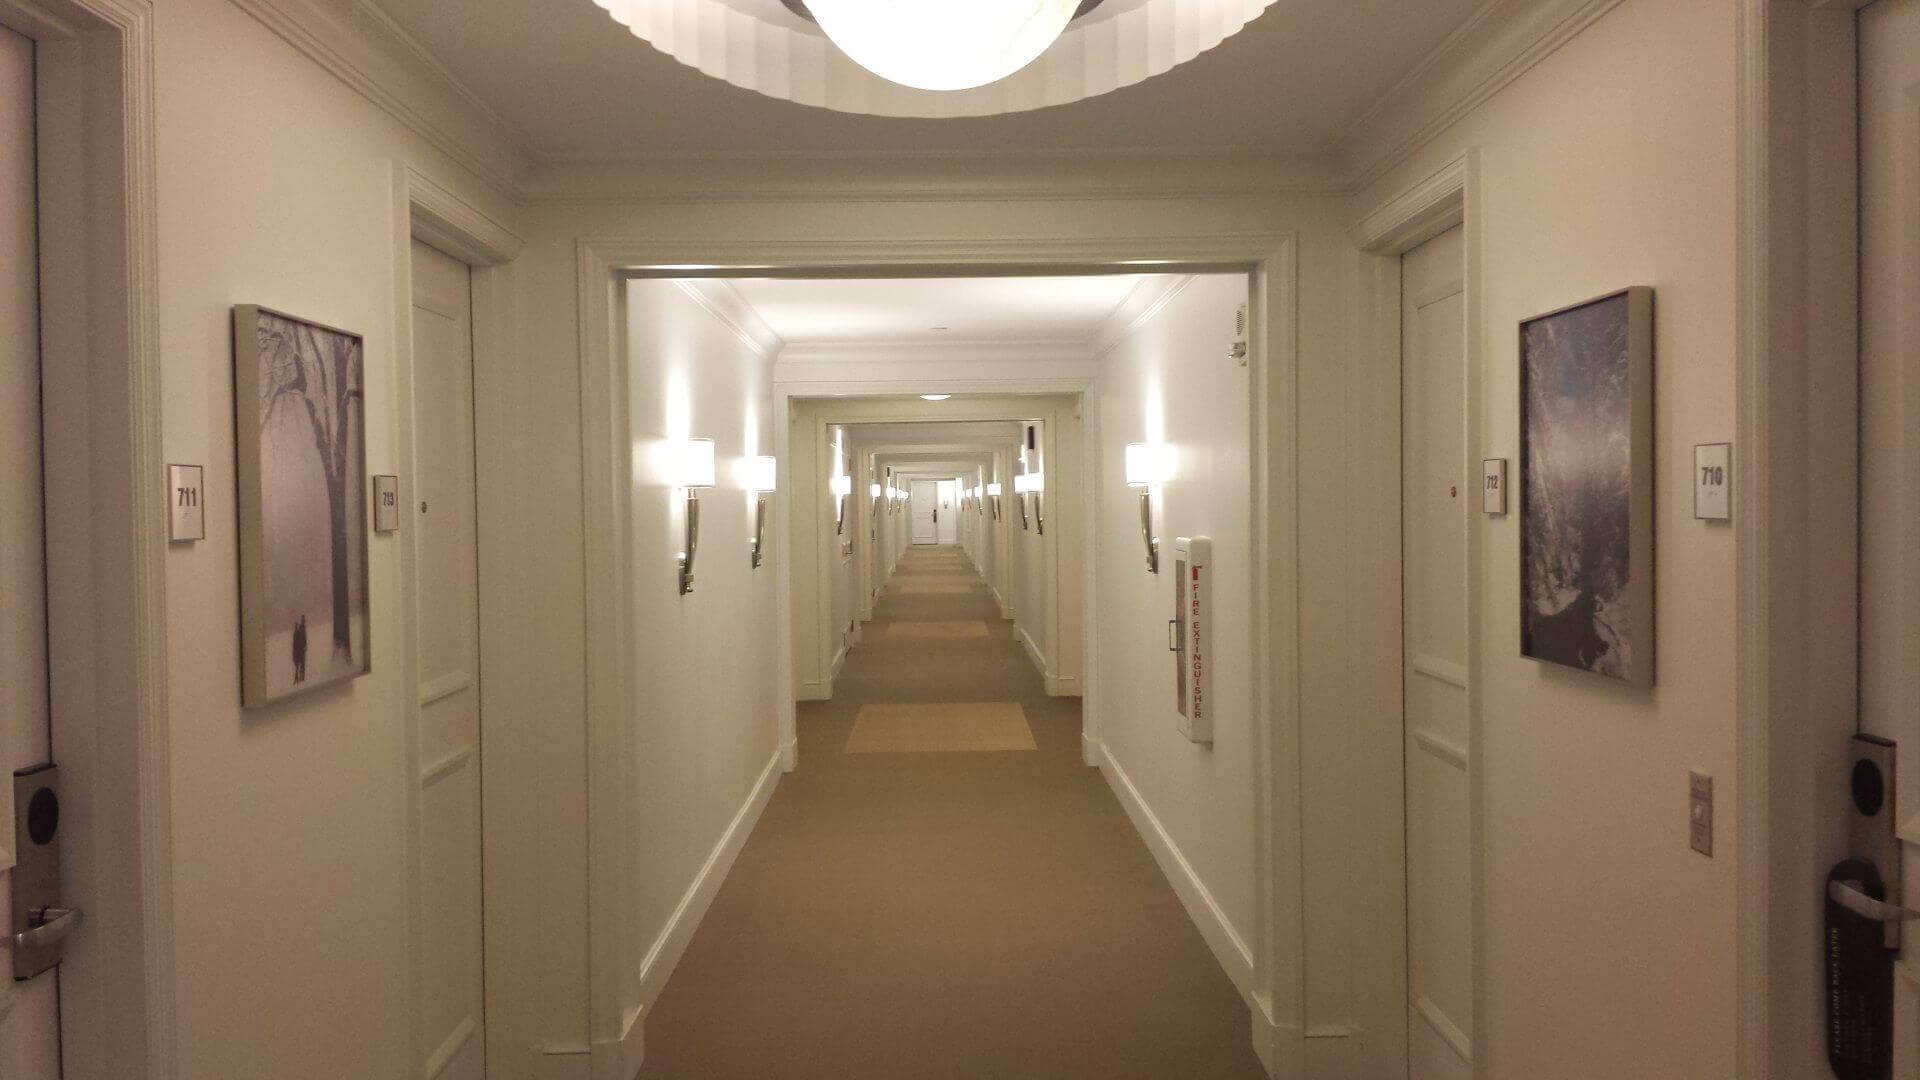 Mein Hotel. Bilder und Eindrücke aus Cleveland, Ohio, United States.